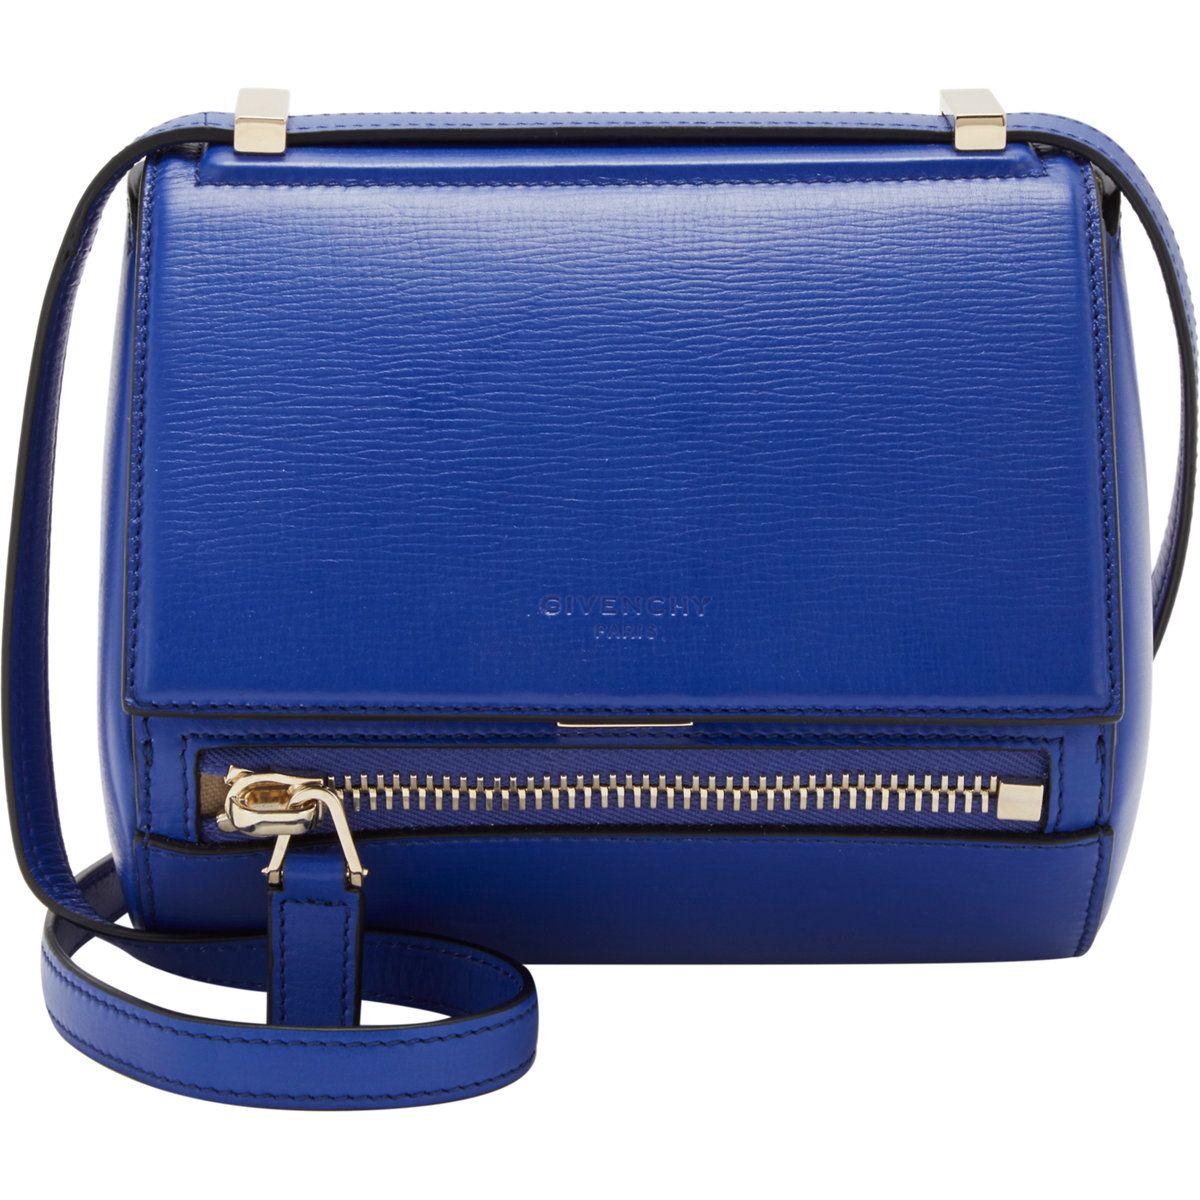 Givenchy Mini Pandora Box Crossbody at Barneys.com